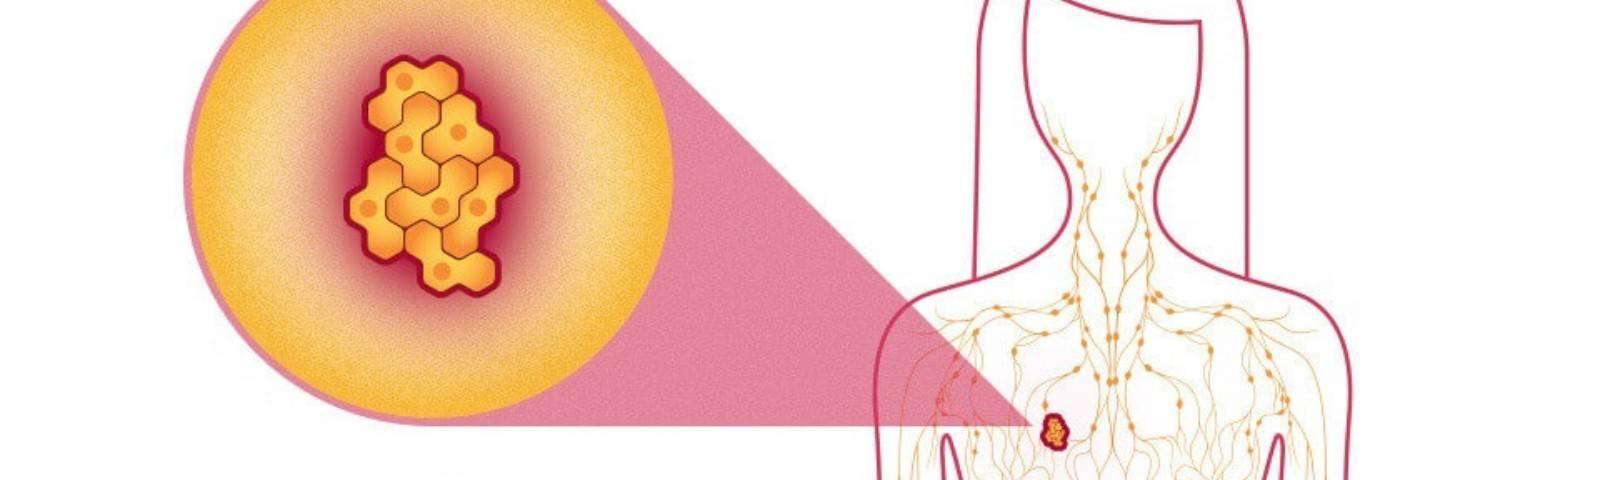 Почему увеличиваются и воспаляются лимфоузлы при мастопатии и как с этим бороться?